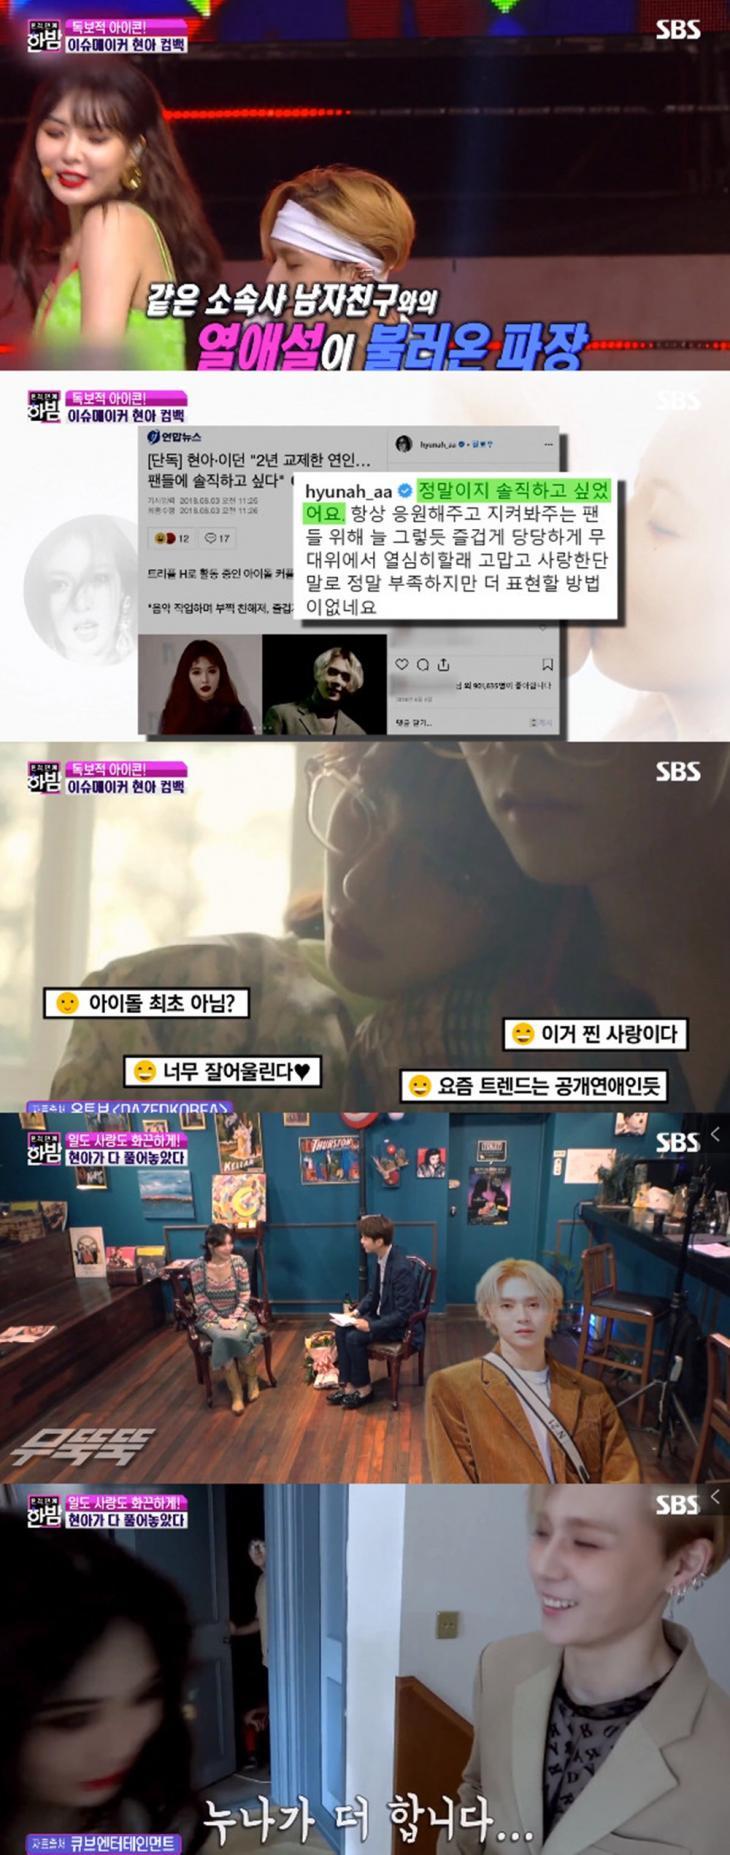 SBS '본격연애 한밤' 방송 캡처